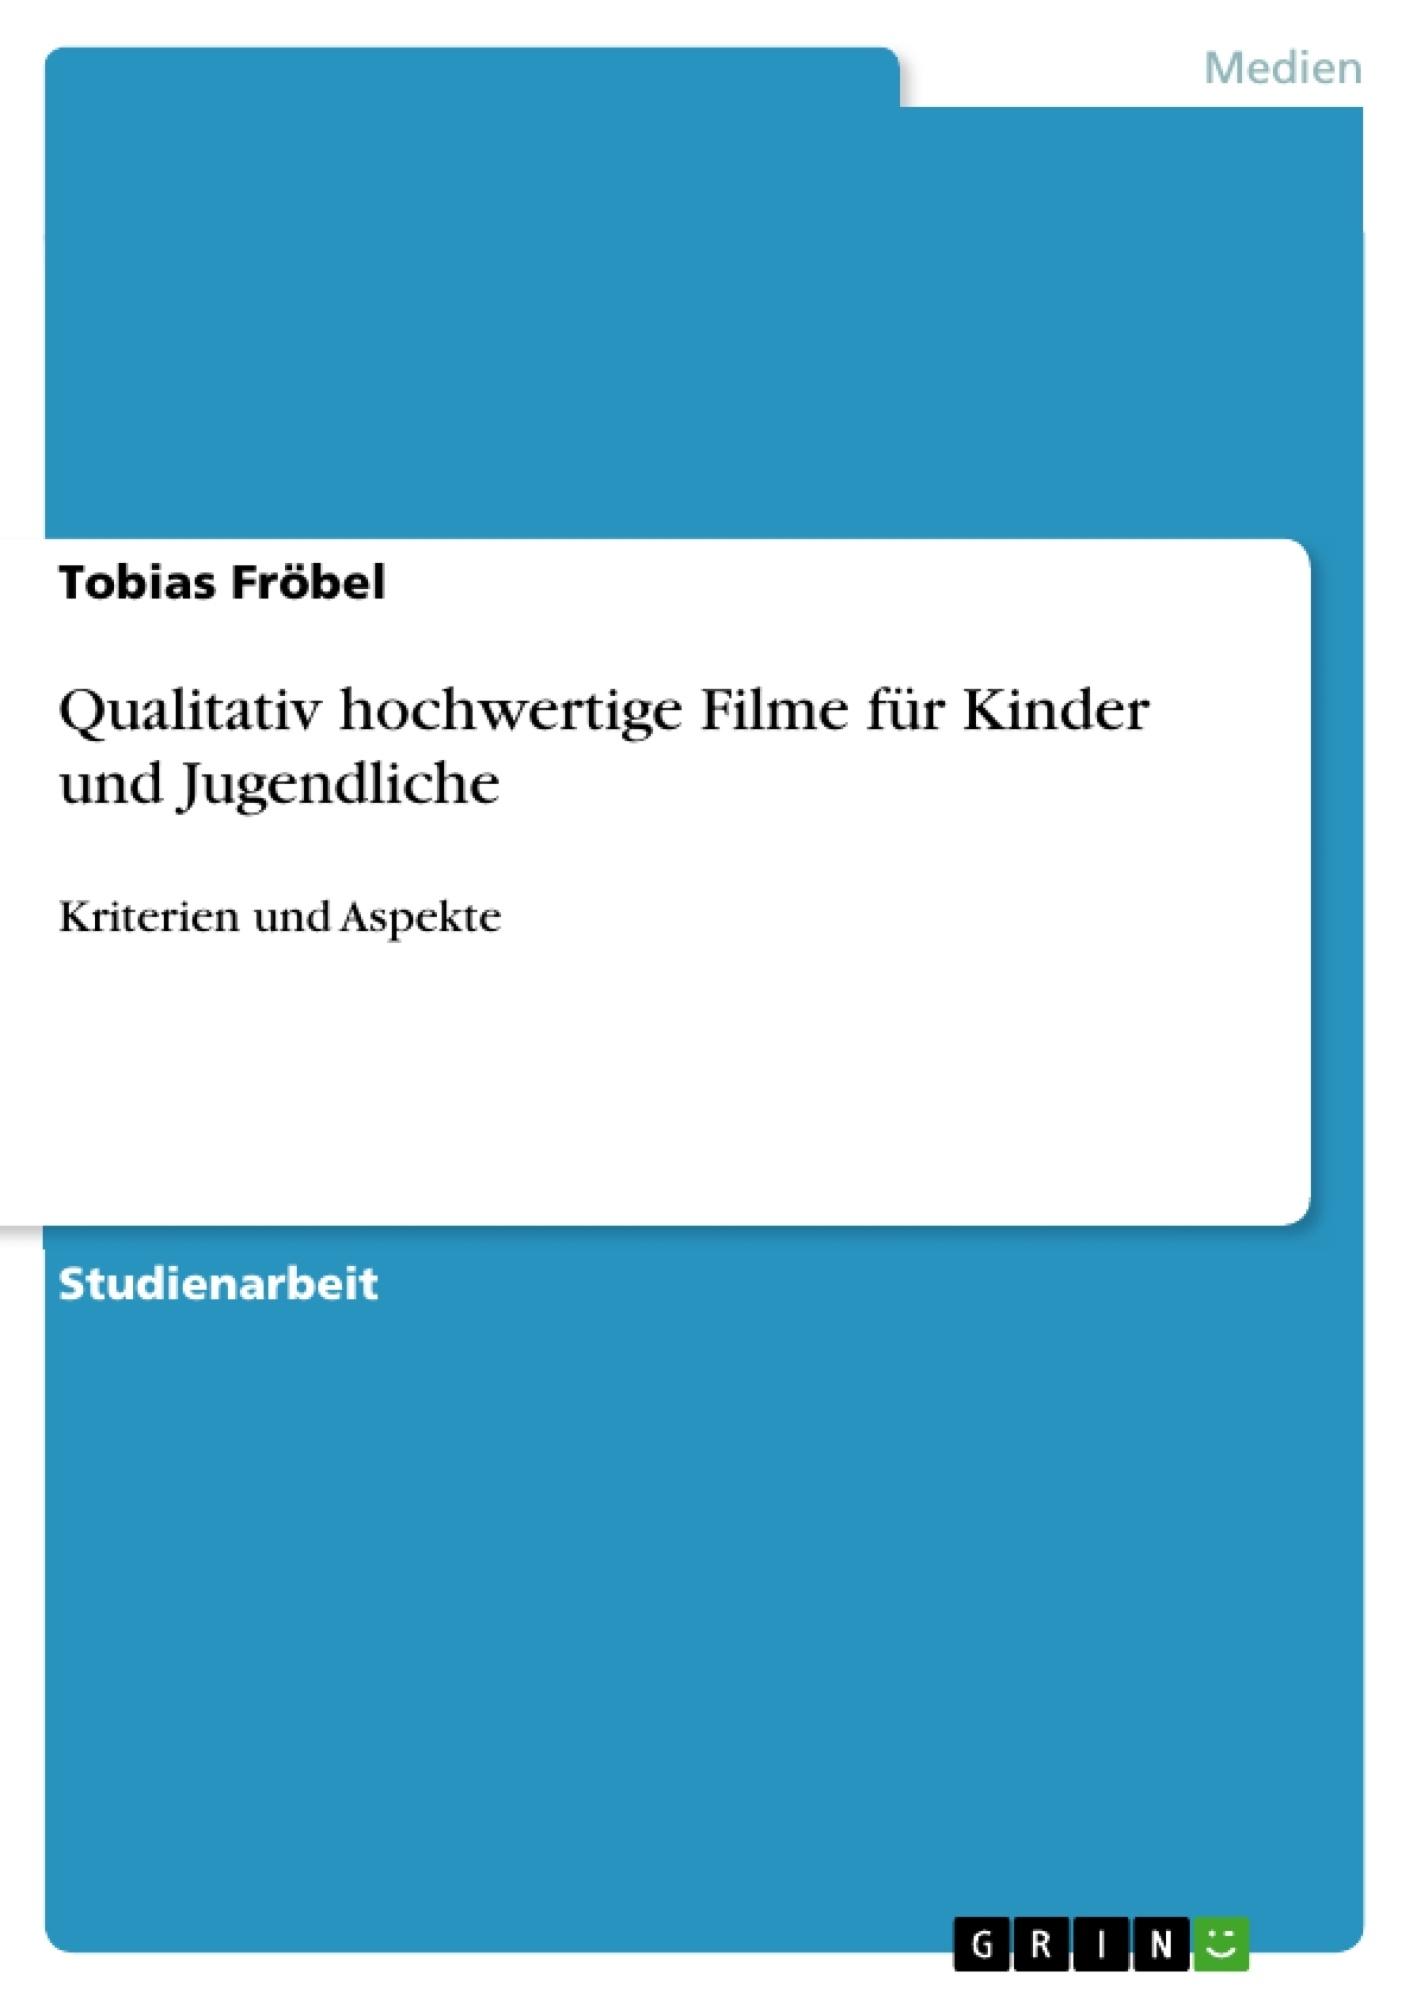 Titel: Qualitativ hochwertige Filme für Kinder und Jugendliche